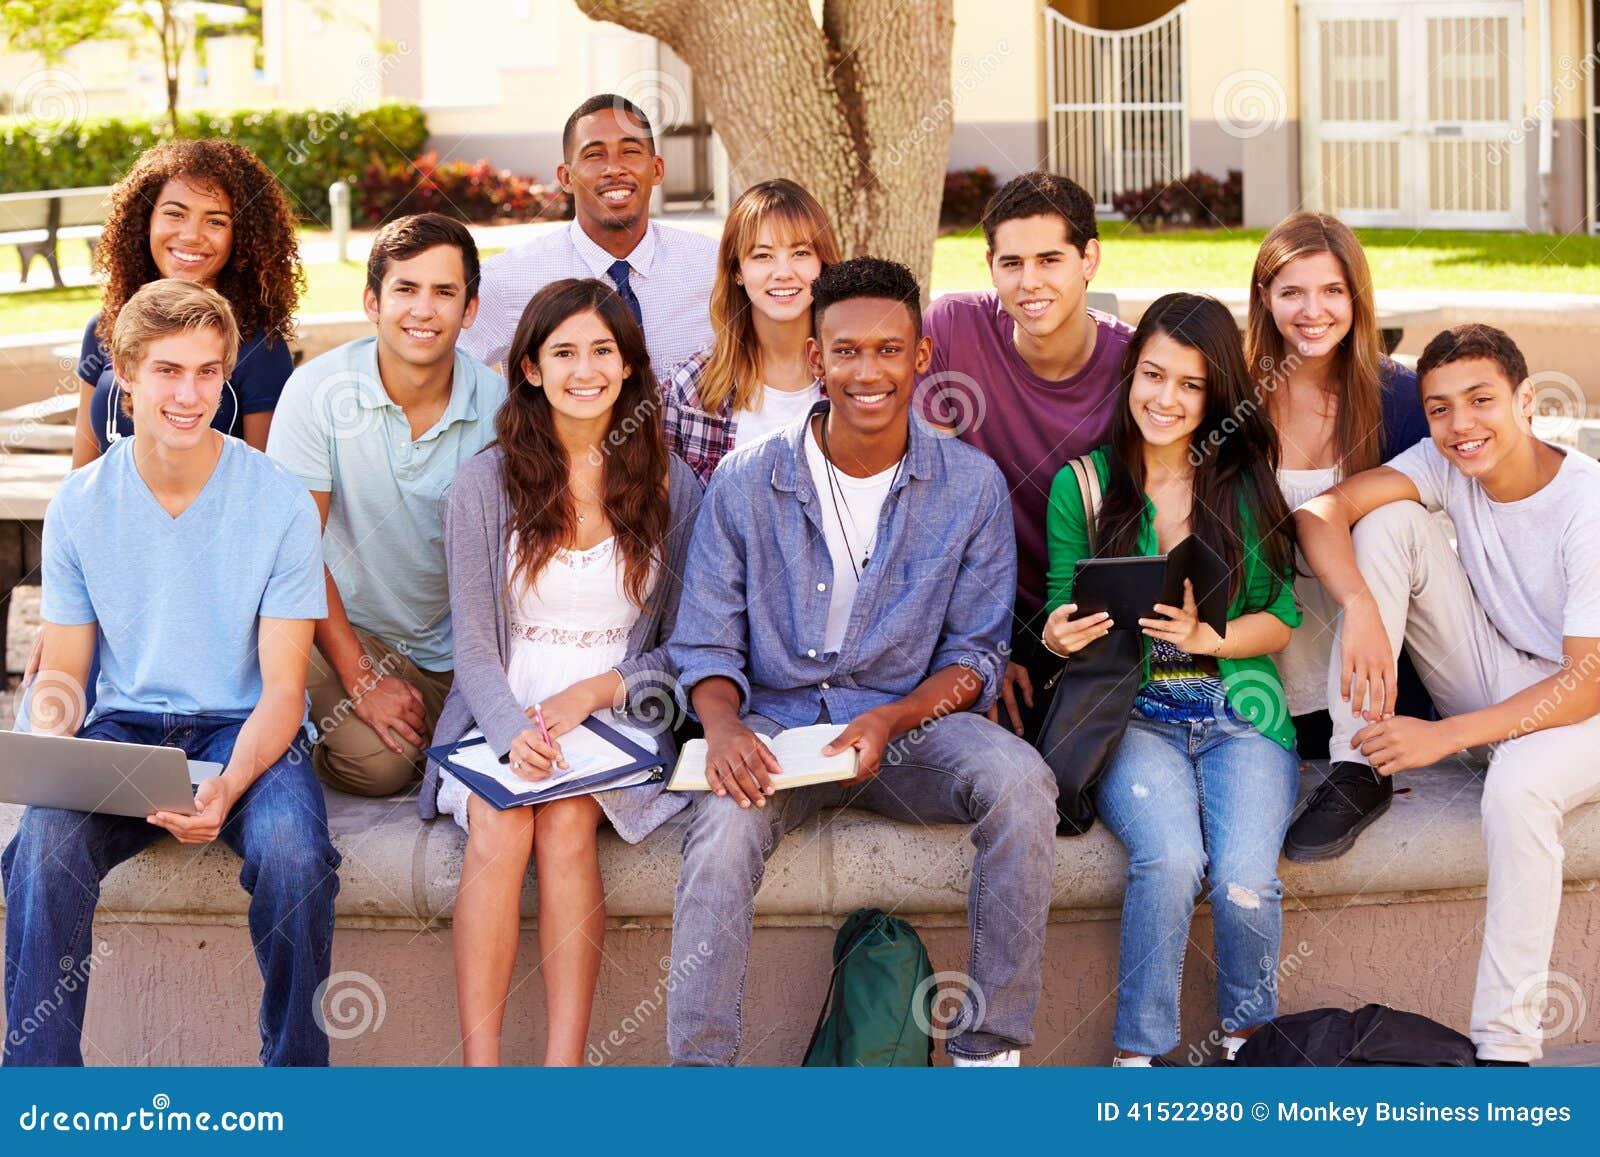 Студентки с учителями 10 фотография